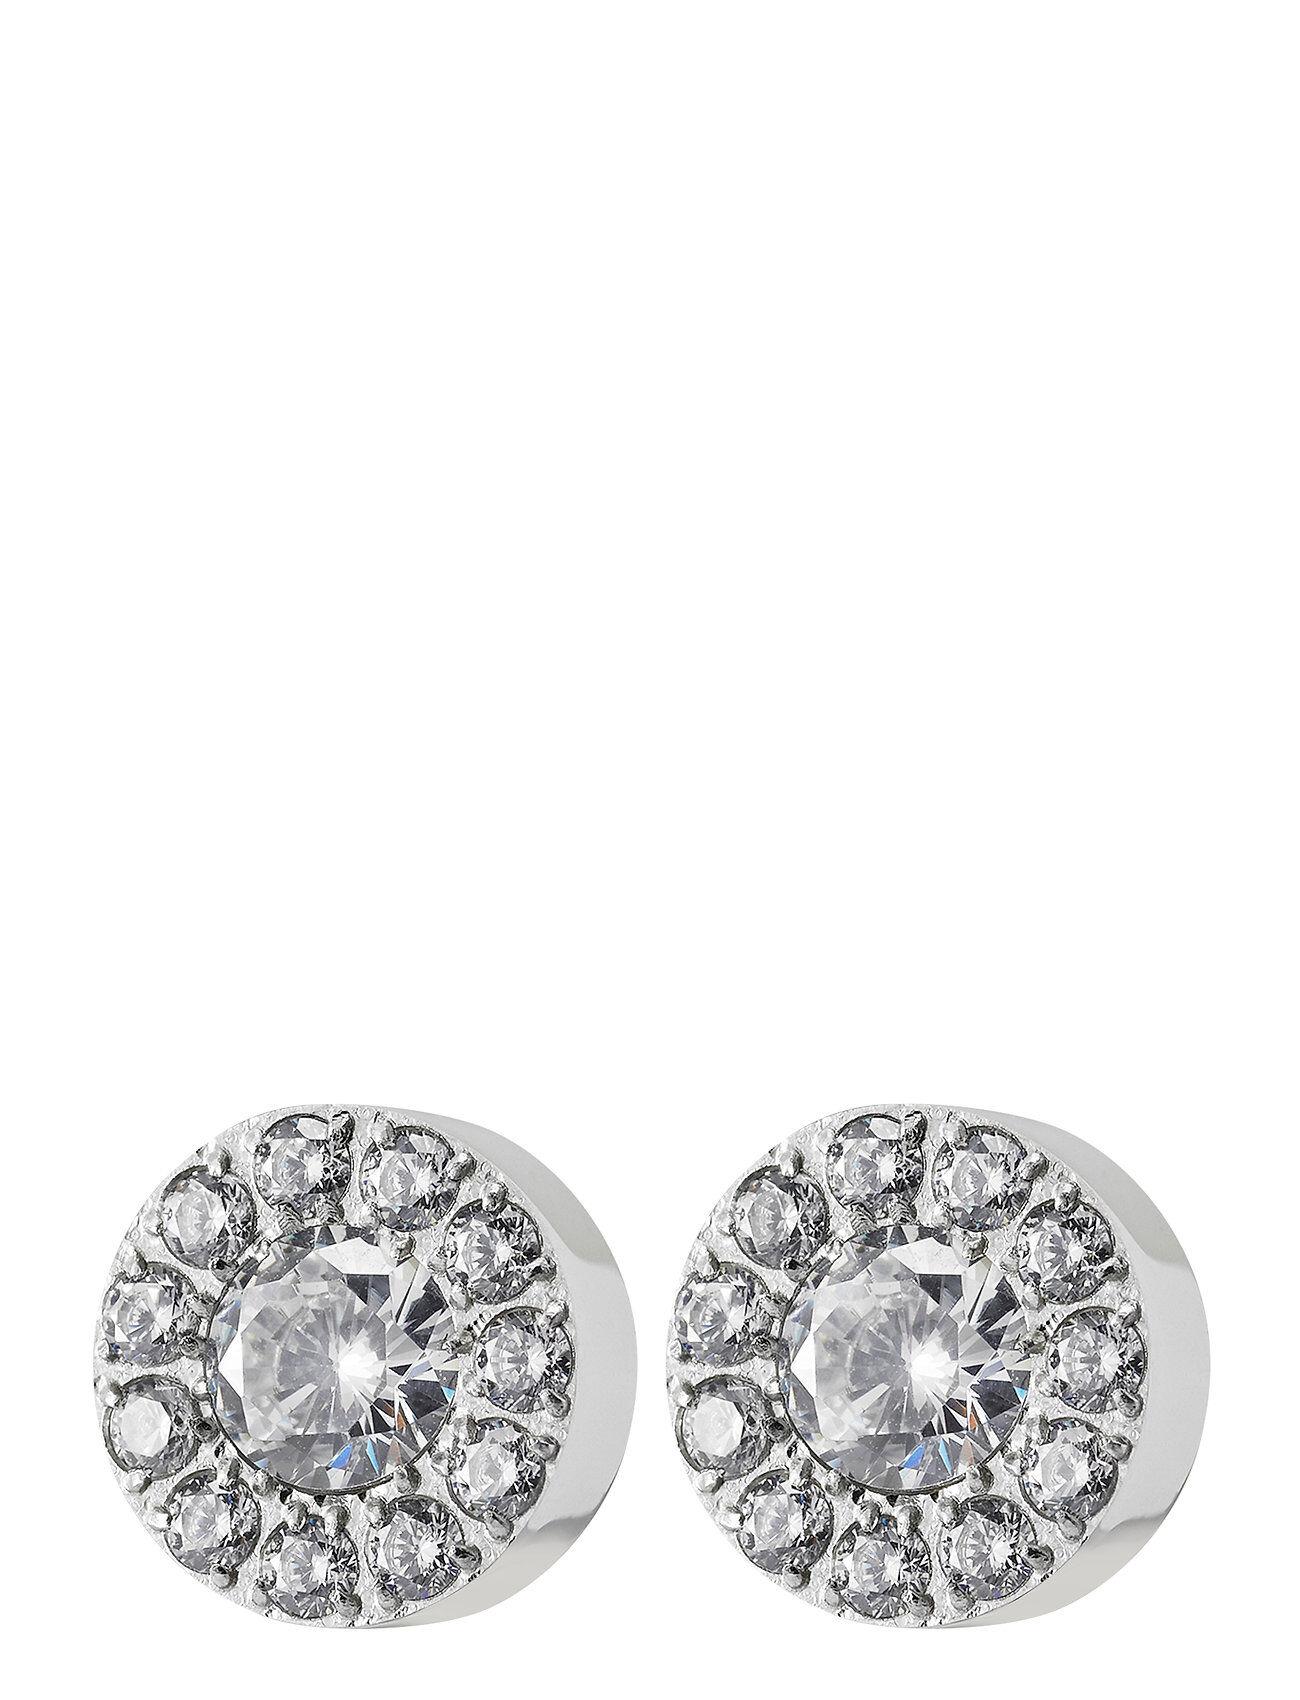 Edblad Thassos Studs Accessories Jewellery Earrings Studs Hopea Edblad